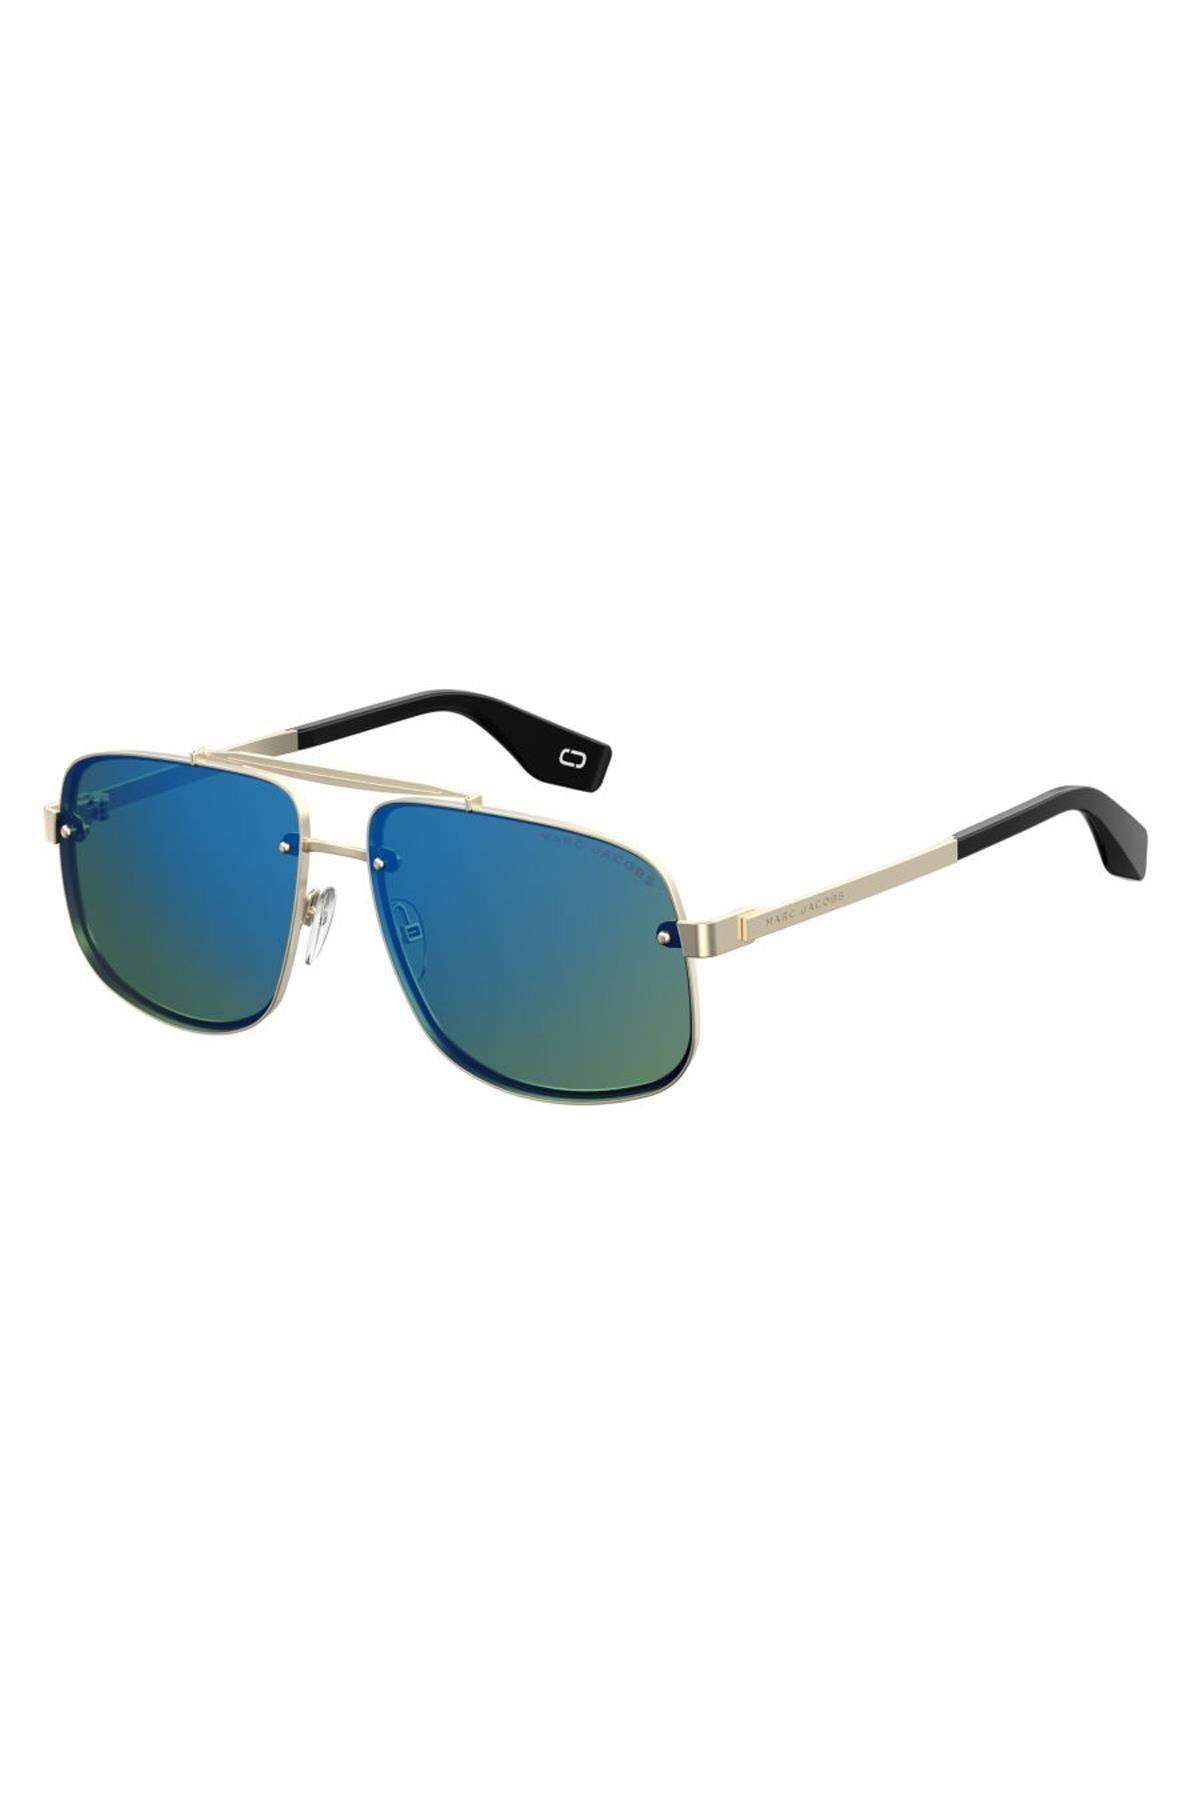 Marc Jacobs Unisex Güneş Gözlüğü 318/S 3YG 61 G